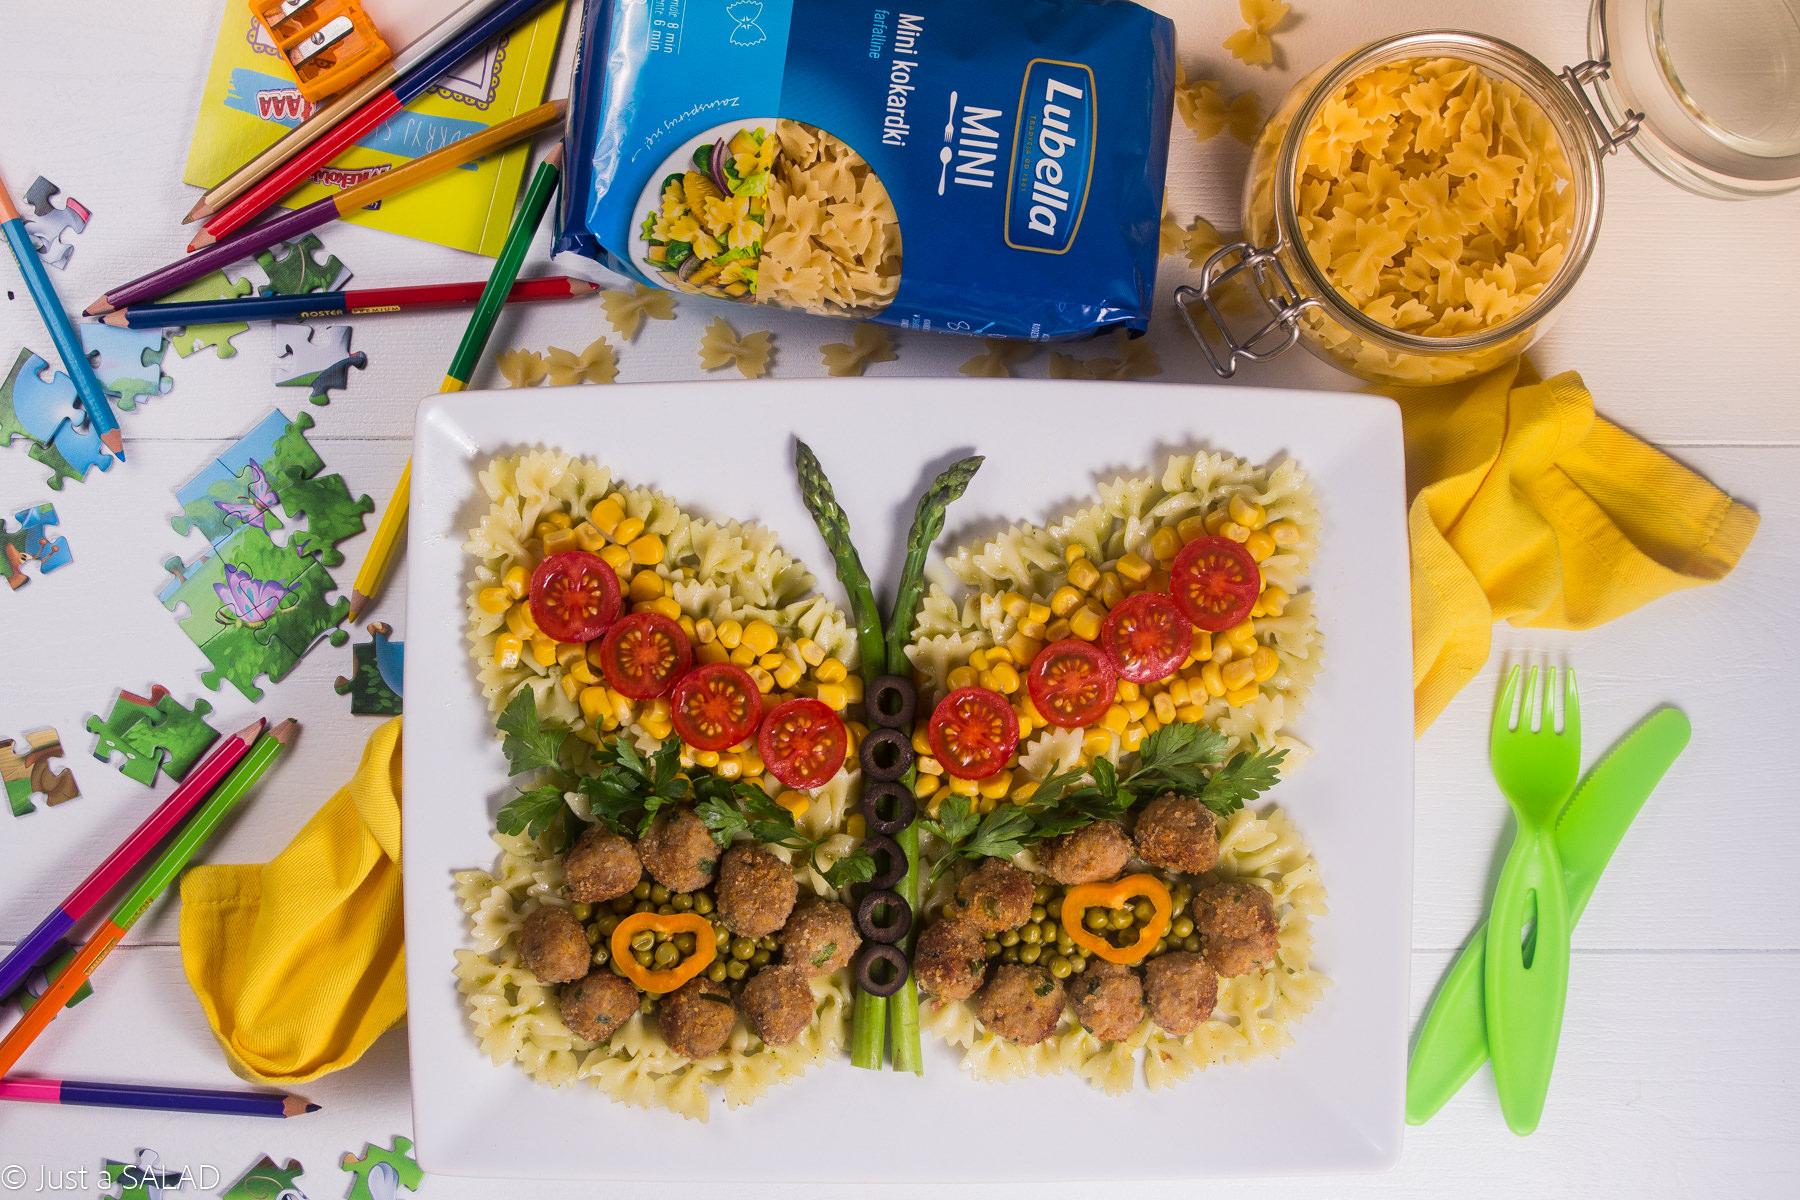 Sałatka w kształcie motylka z makaronem Mini kokardki, kotlecikami z indyka i kolorowymi warzywami.